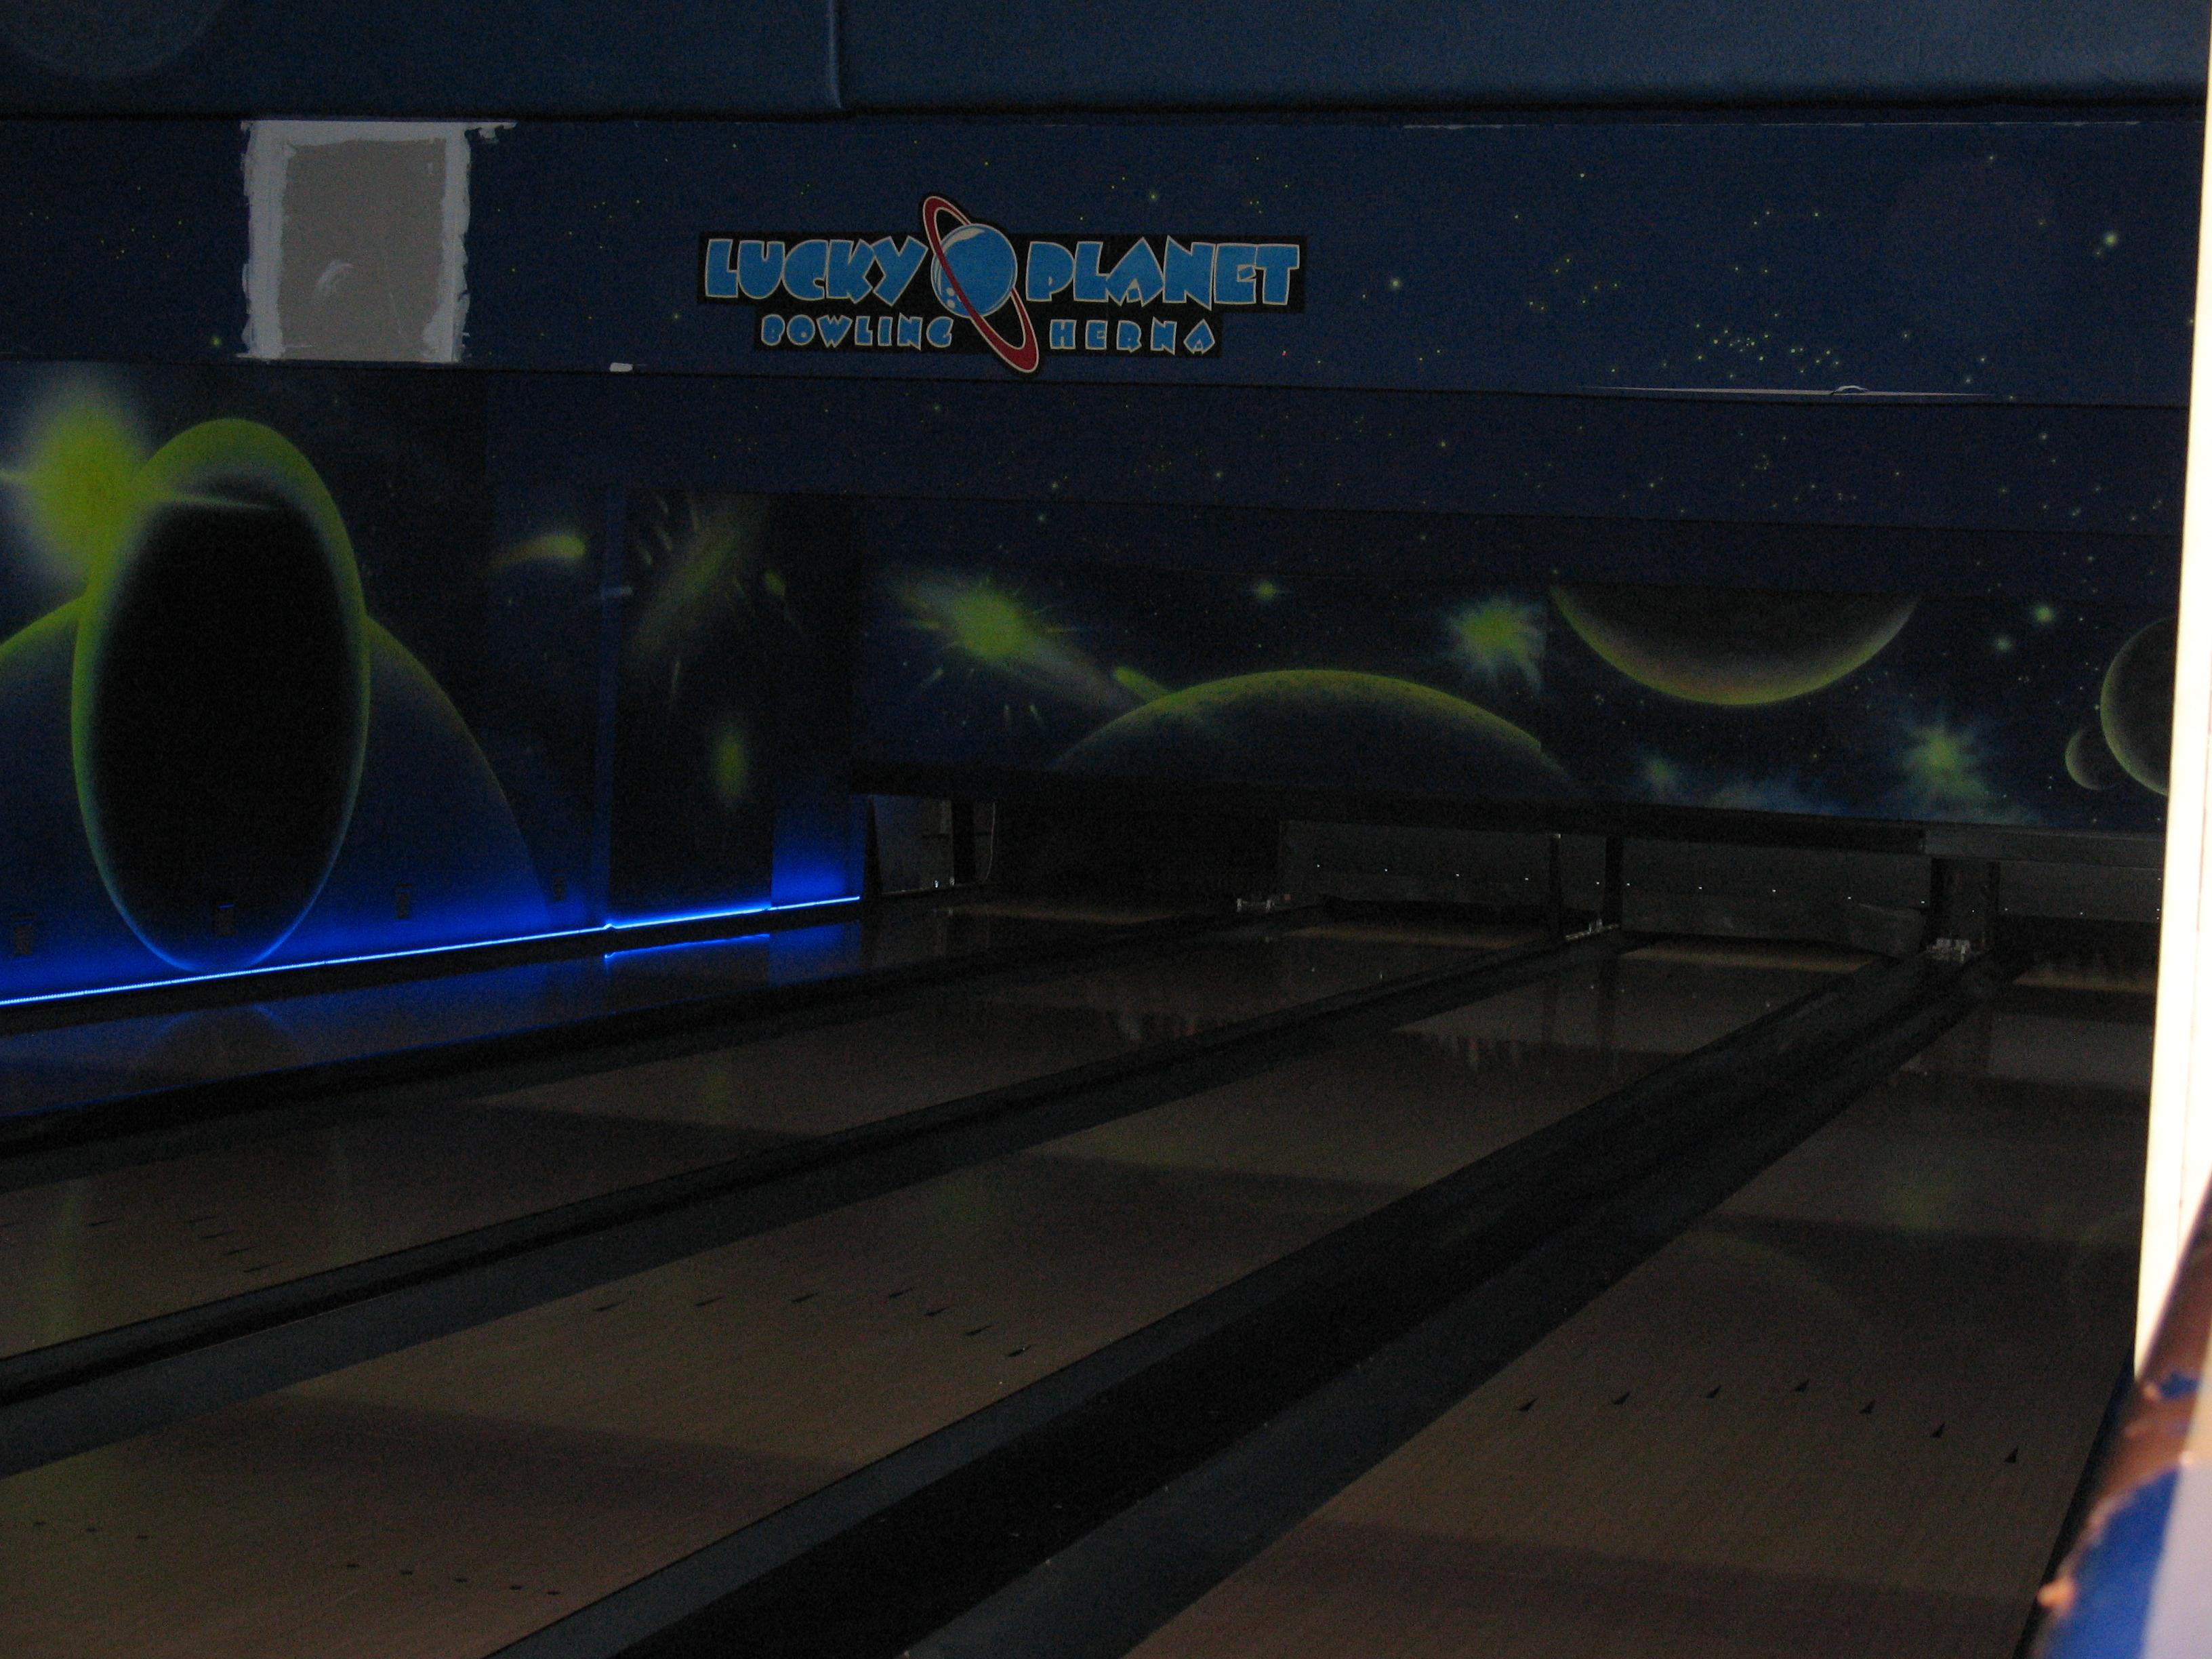 Planet-Bowling_1